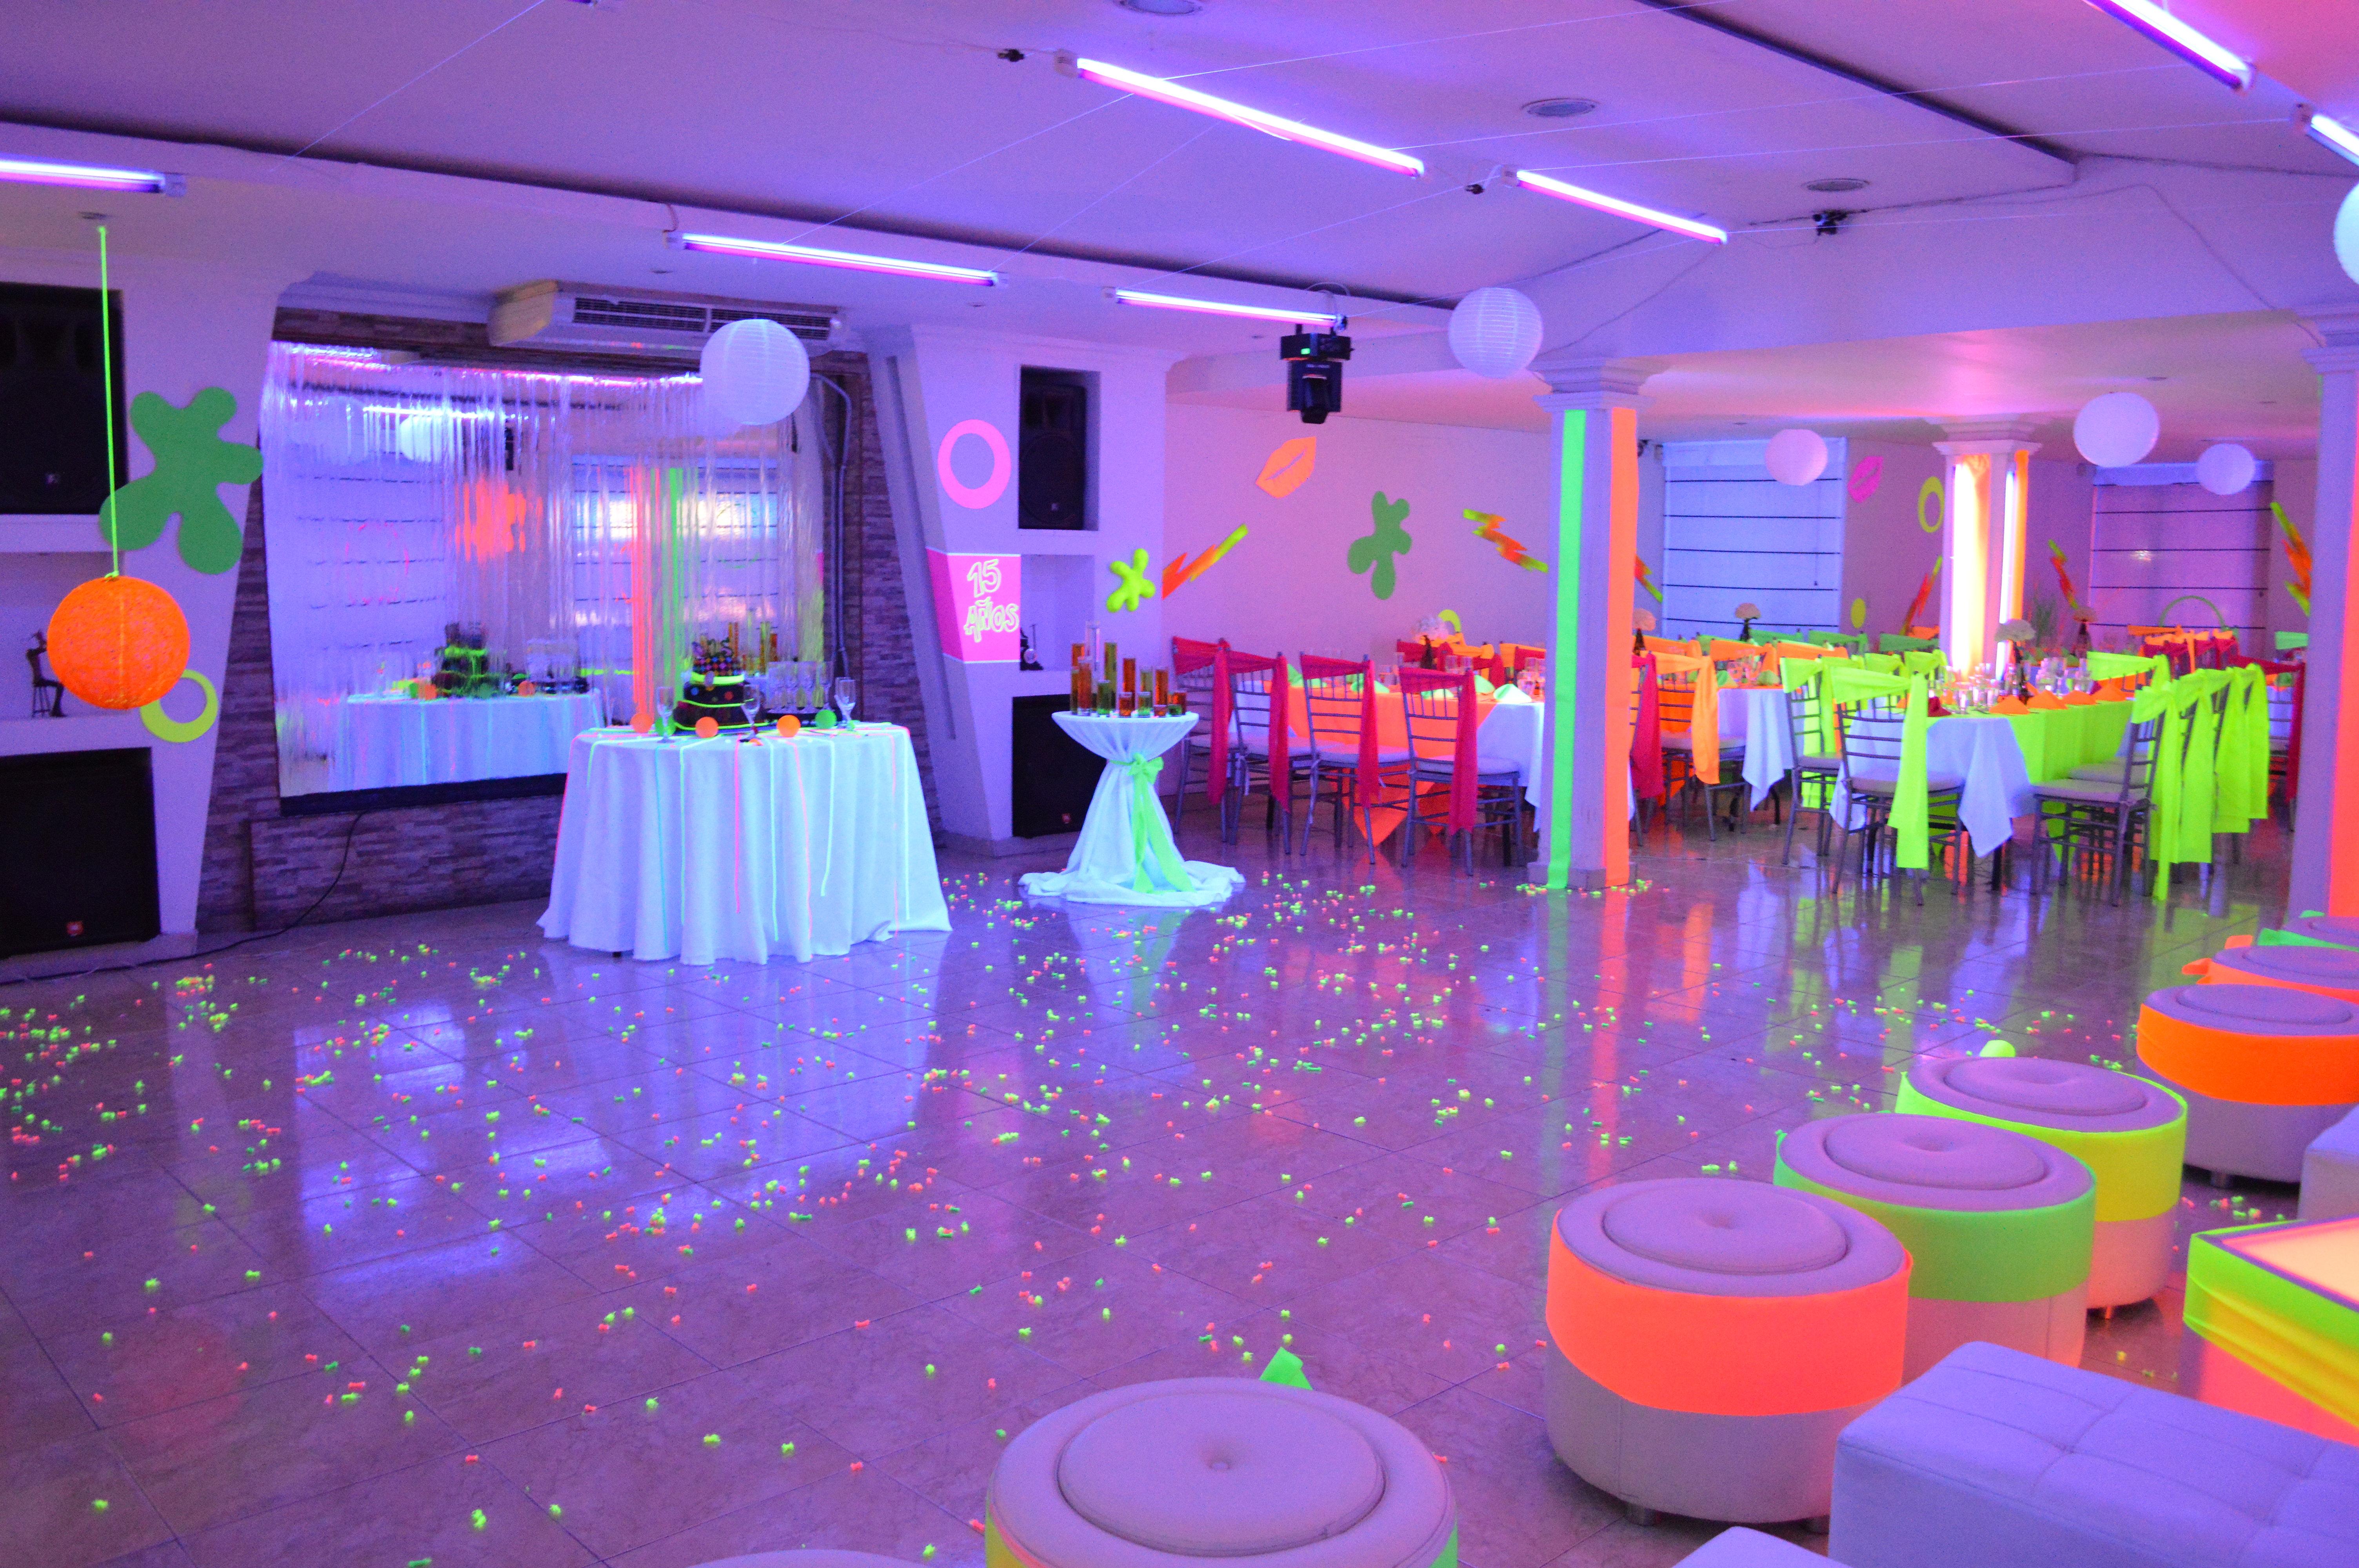 Salon de eventos bodas campestres salon de recepciones - Decoracion salon blanco y negro ...